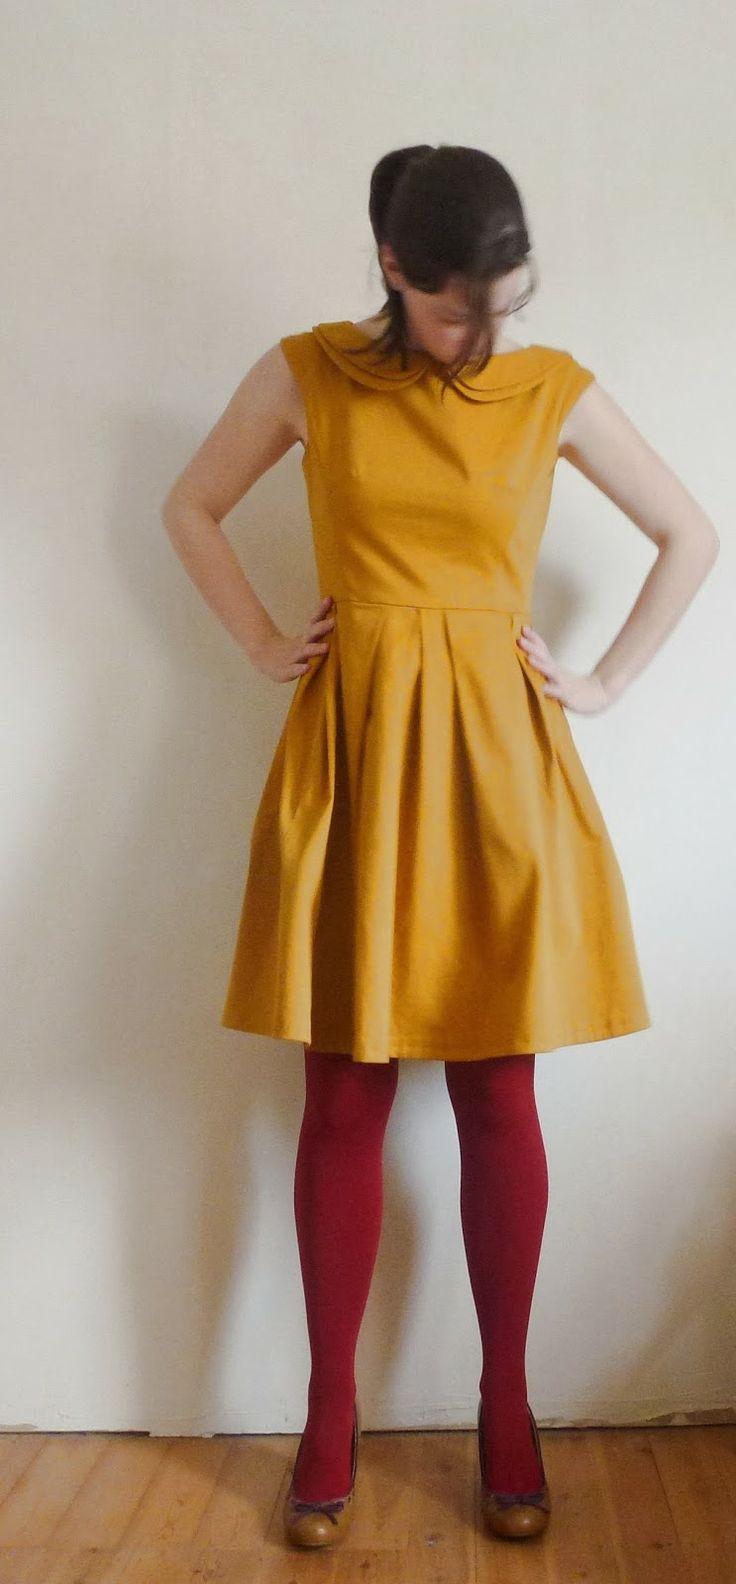 Februari-kleedje (Little Miss Y's homemade wardrobe)